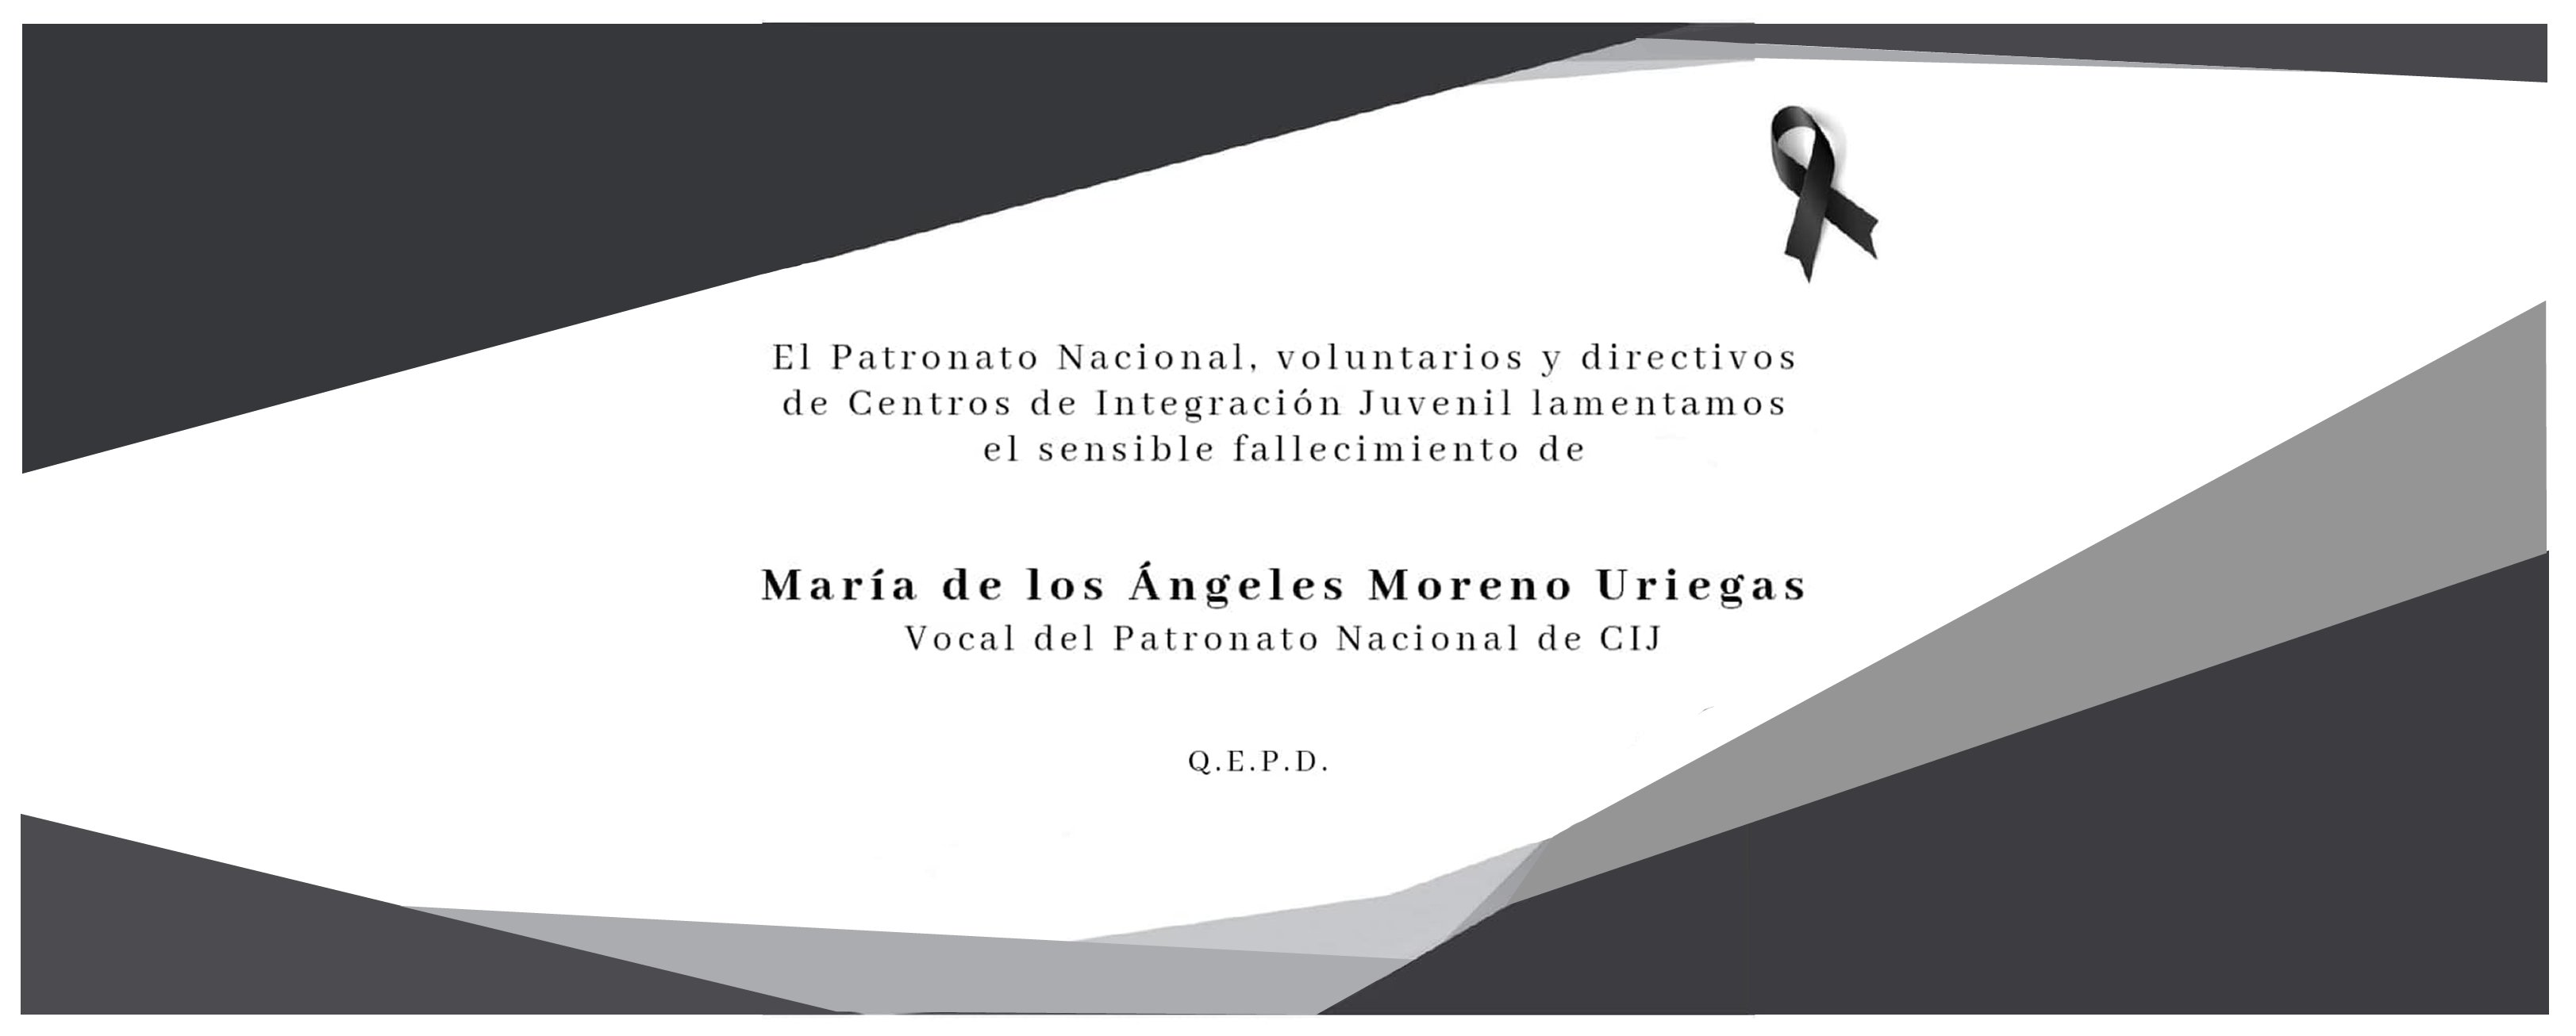 El Patronato Nacional, voluntarios y directivos de Centros de Integración Juvenil lamentamos el sensible fallecimiento de  María de los Ángeles Moreno Uriegas